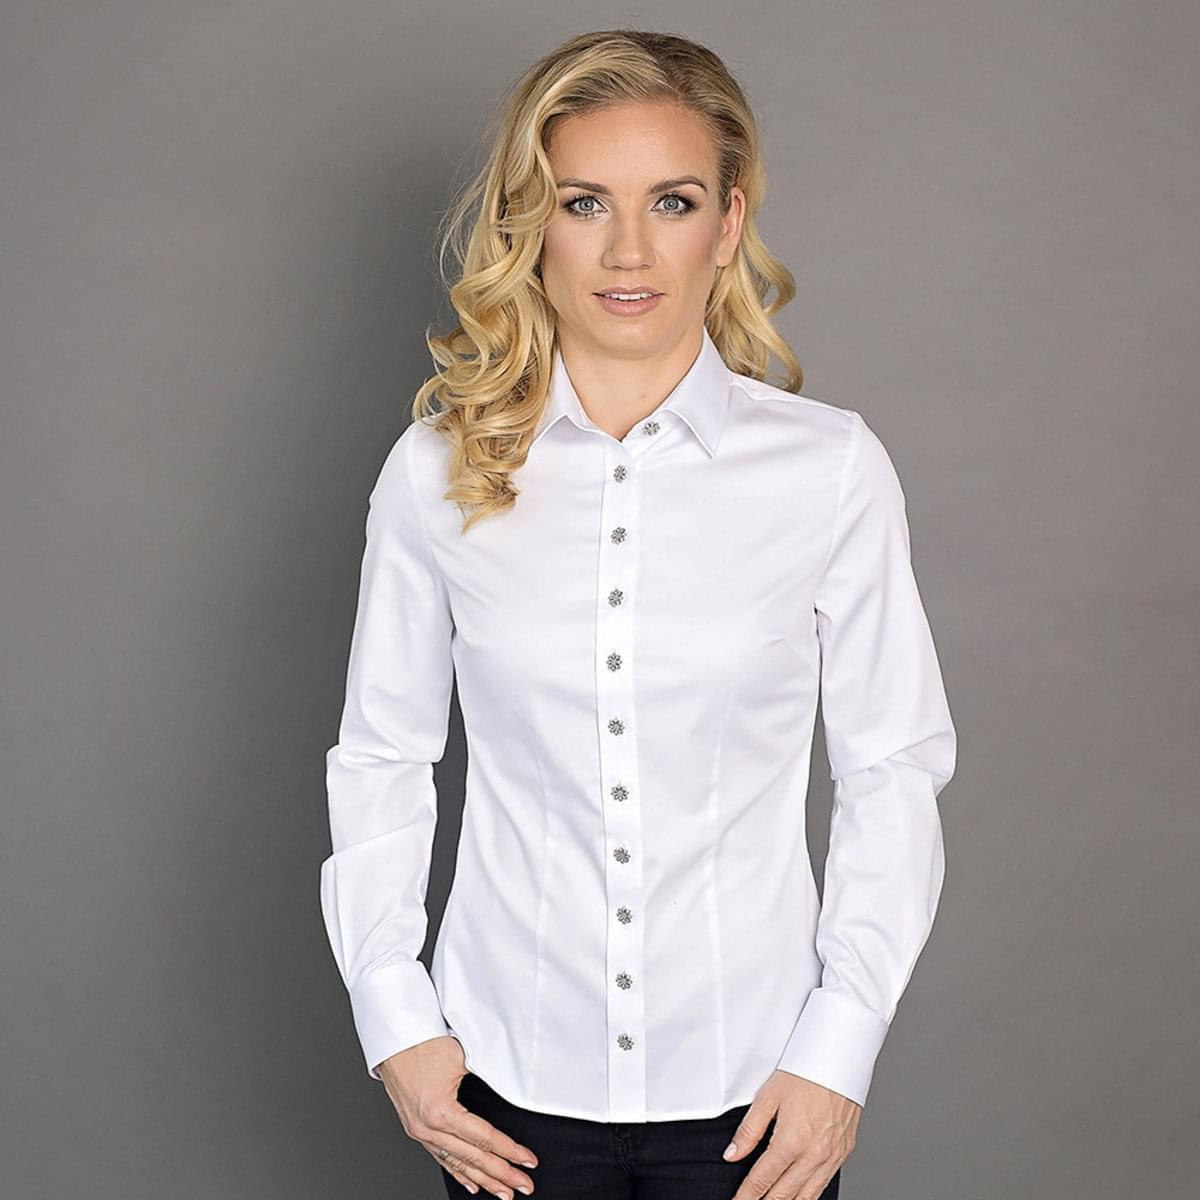 Dámská košile Willsoor 6583 v bílé barvě 34